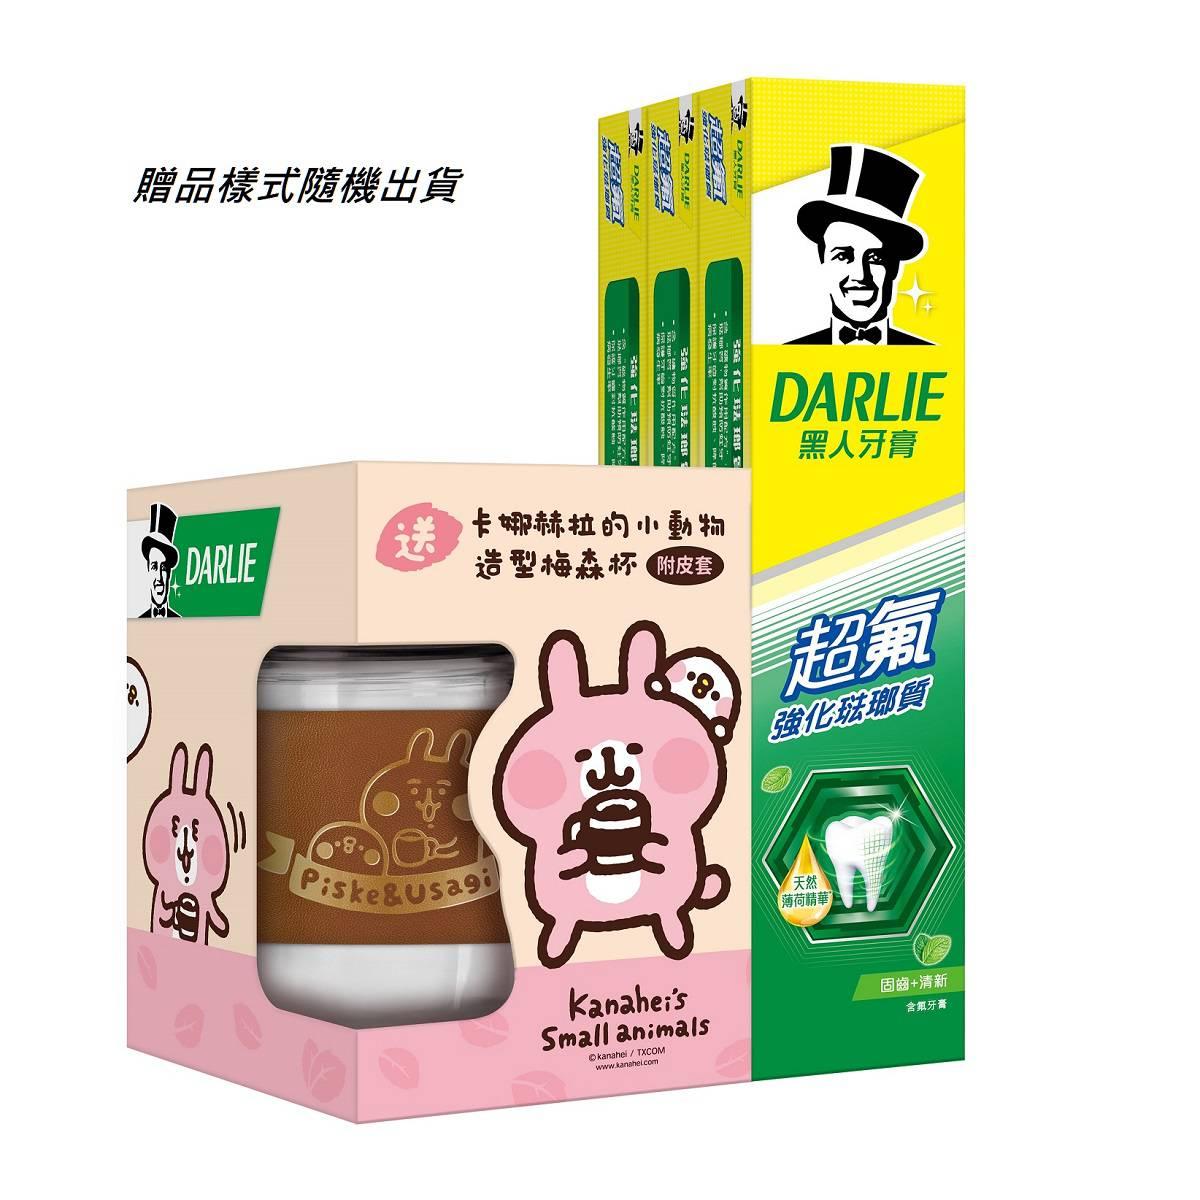 黑人超氟強化琺瑯質牙膏250gx3支裝 附贈品(贈品隨機出貨) 【康是美】